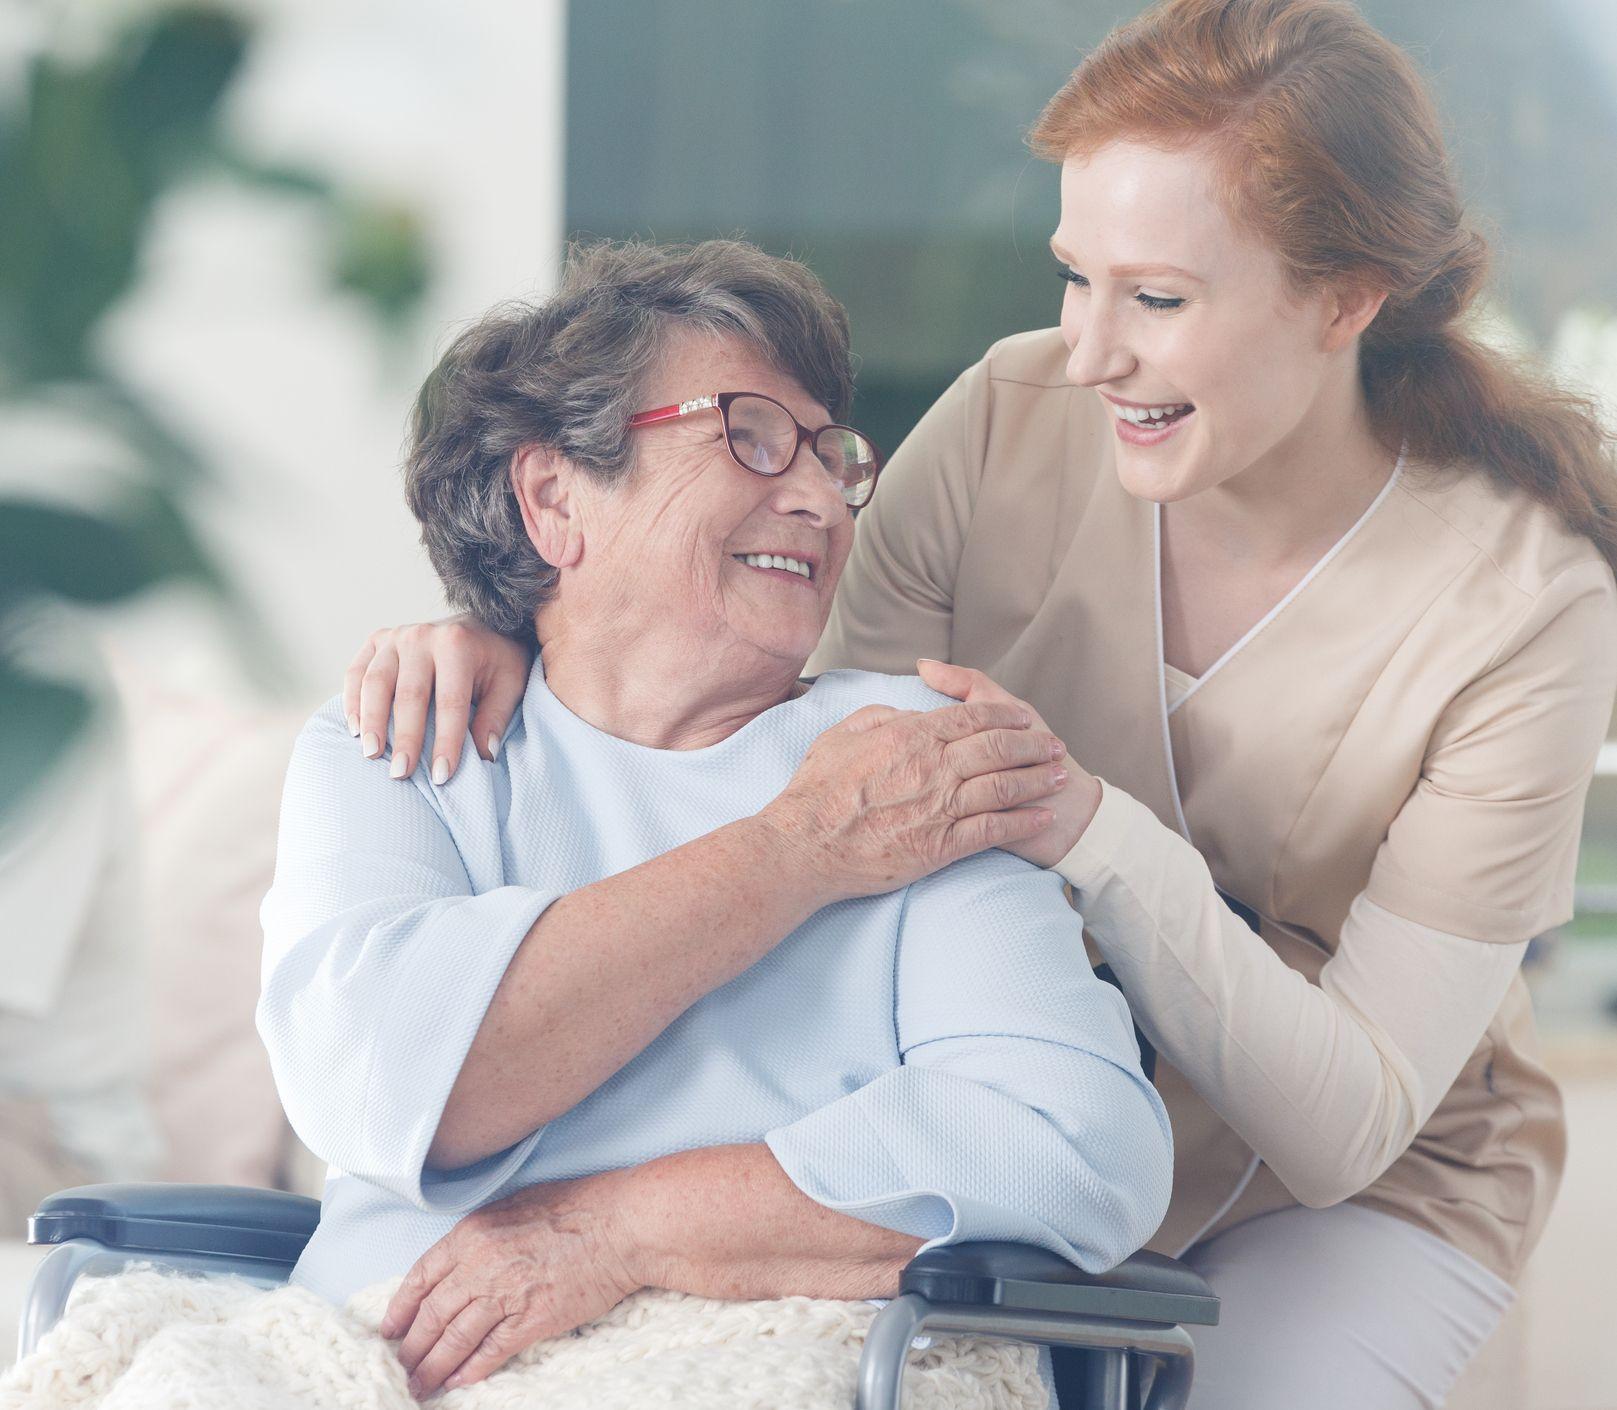 Hľadáte opatrovateľku pre seniora? Vyhnite sa týmto chybám pri jej výbere